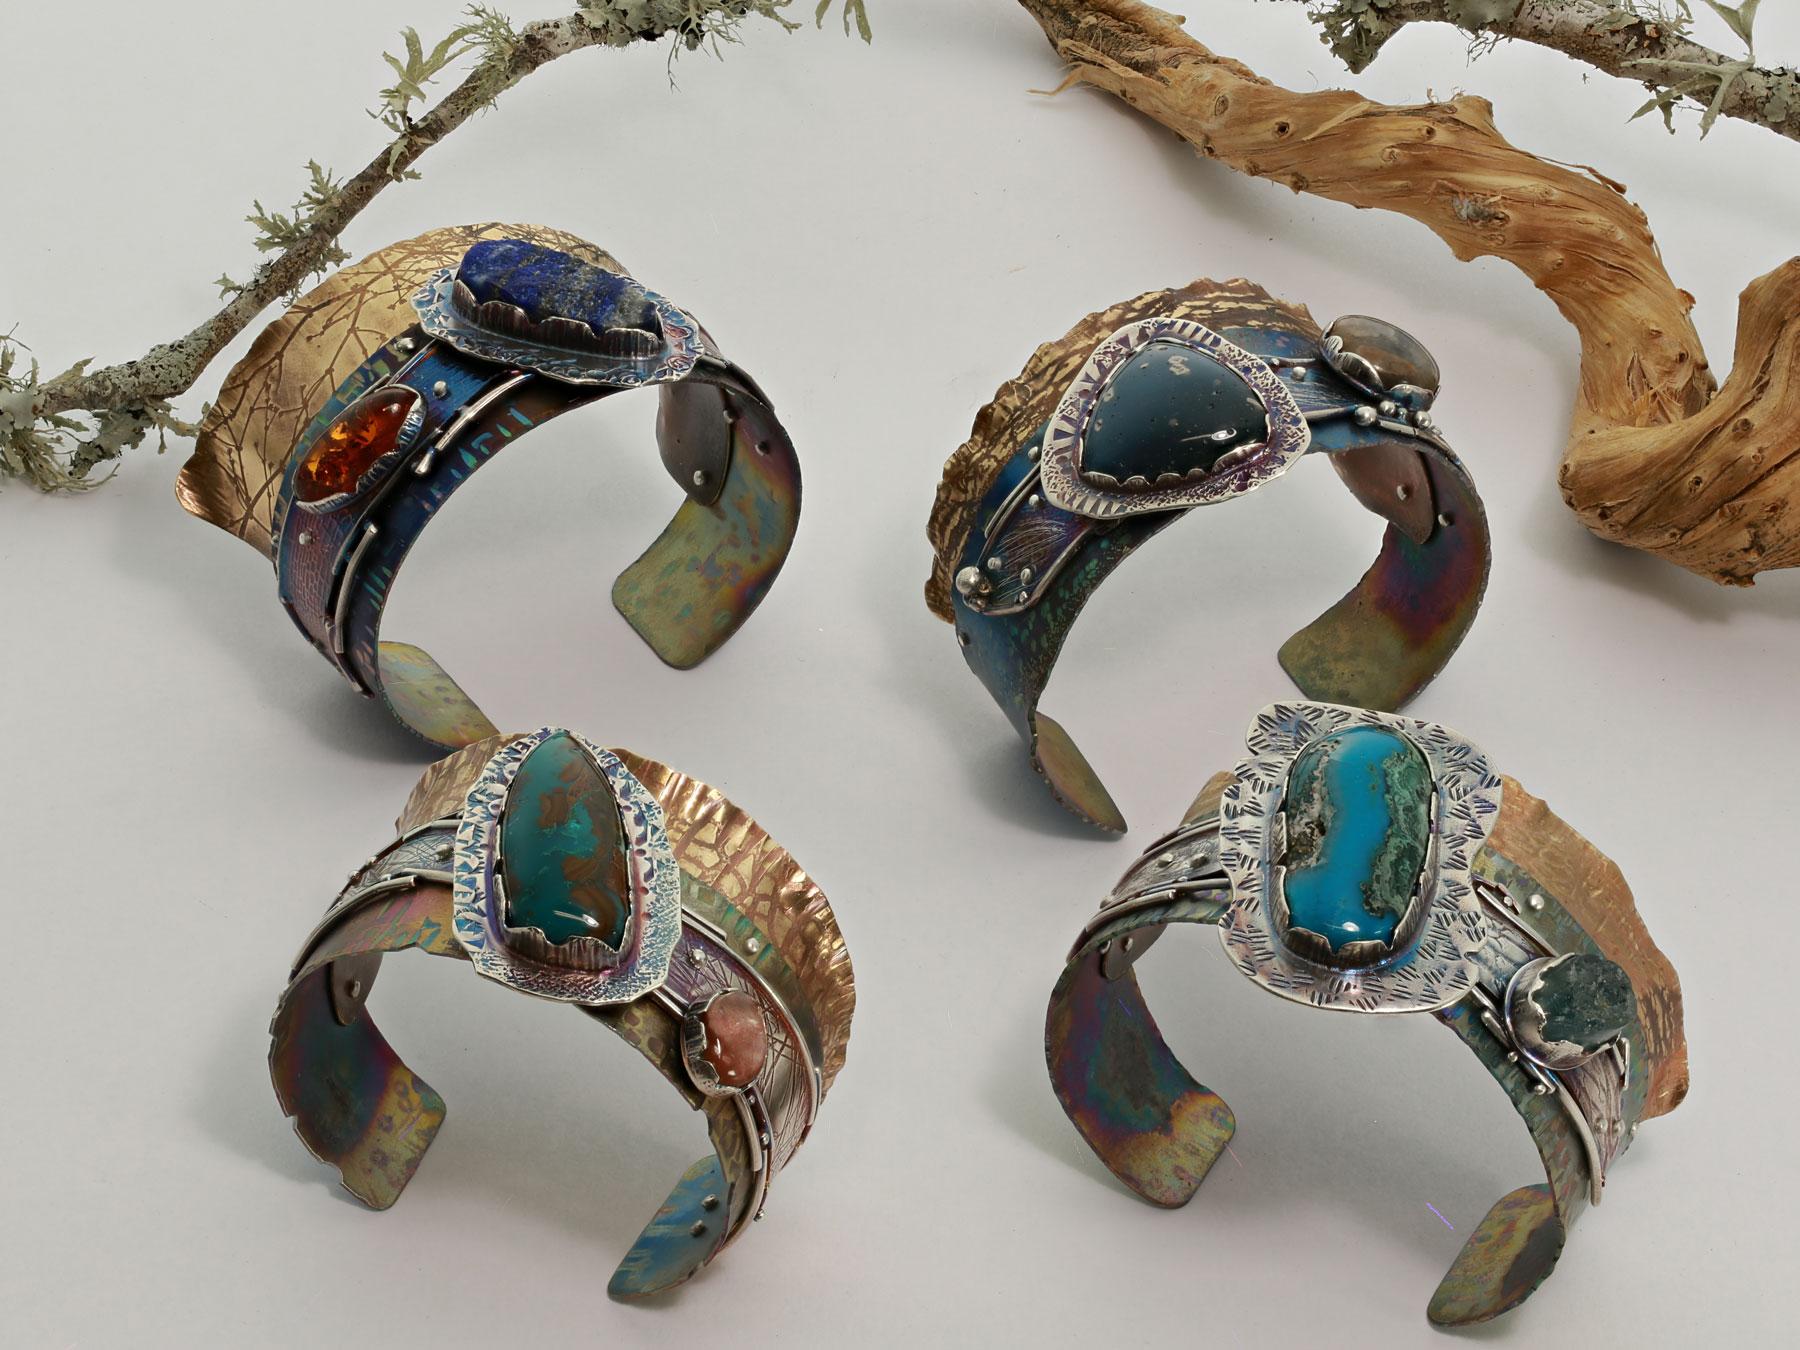 Robert Lopez Metalsmith Jewelry-Maker